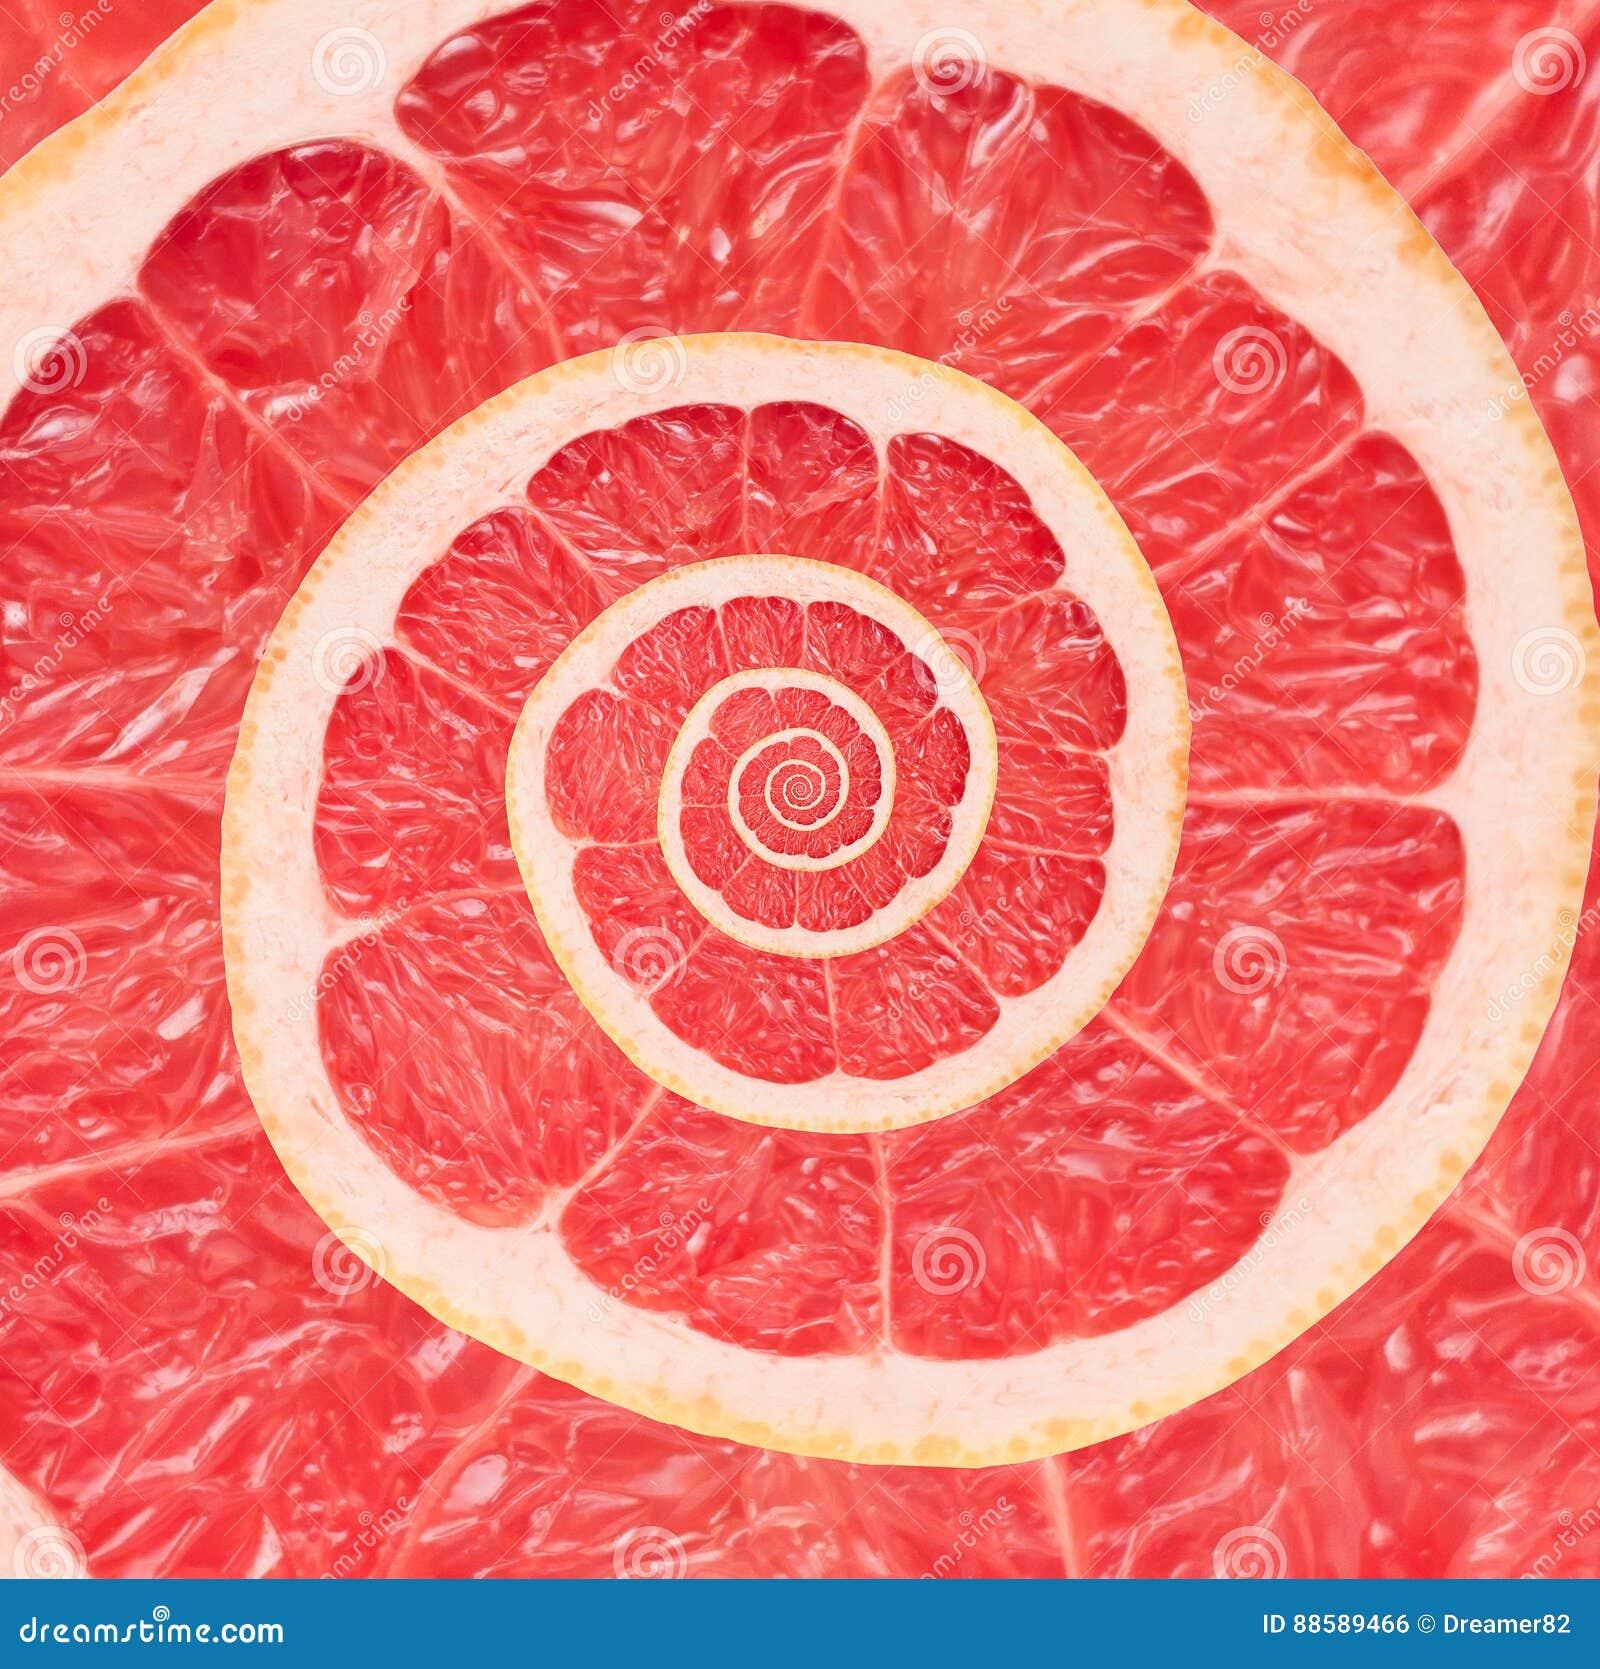 Bakgrund för abstrakt begrepp för grapefruktoändlighetsspiral